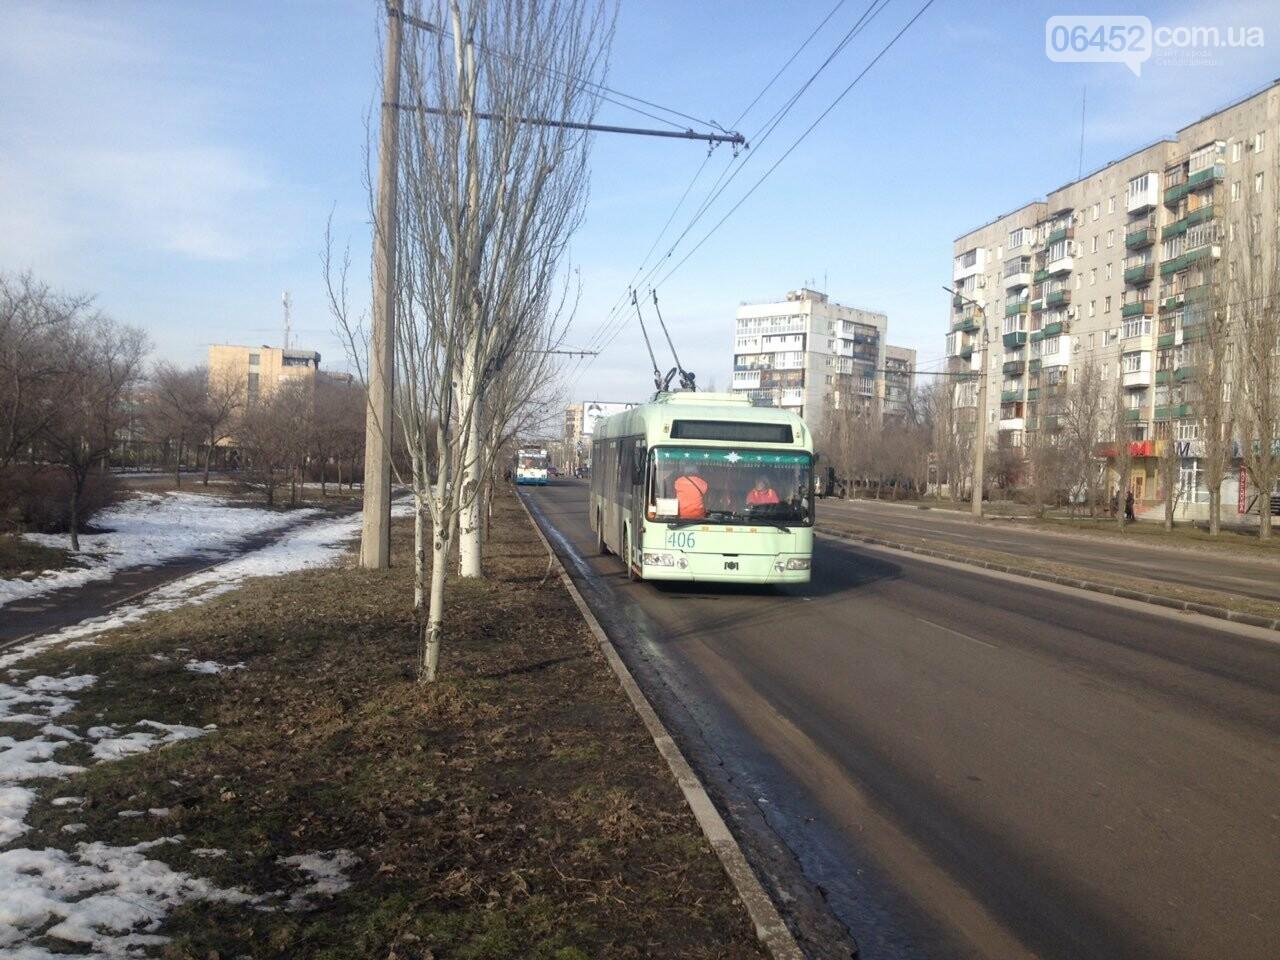 Потеря электрического напряжения: в Северодонецке стояли троллейбусы, фото-4